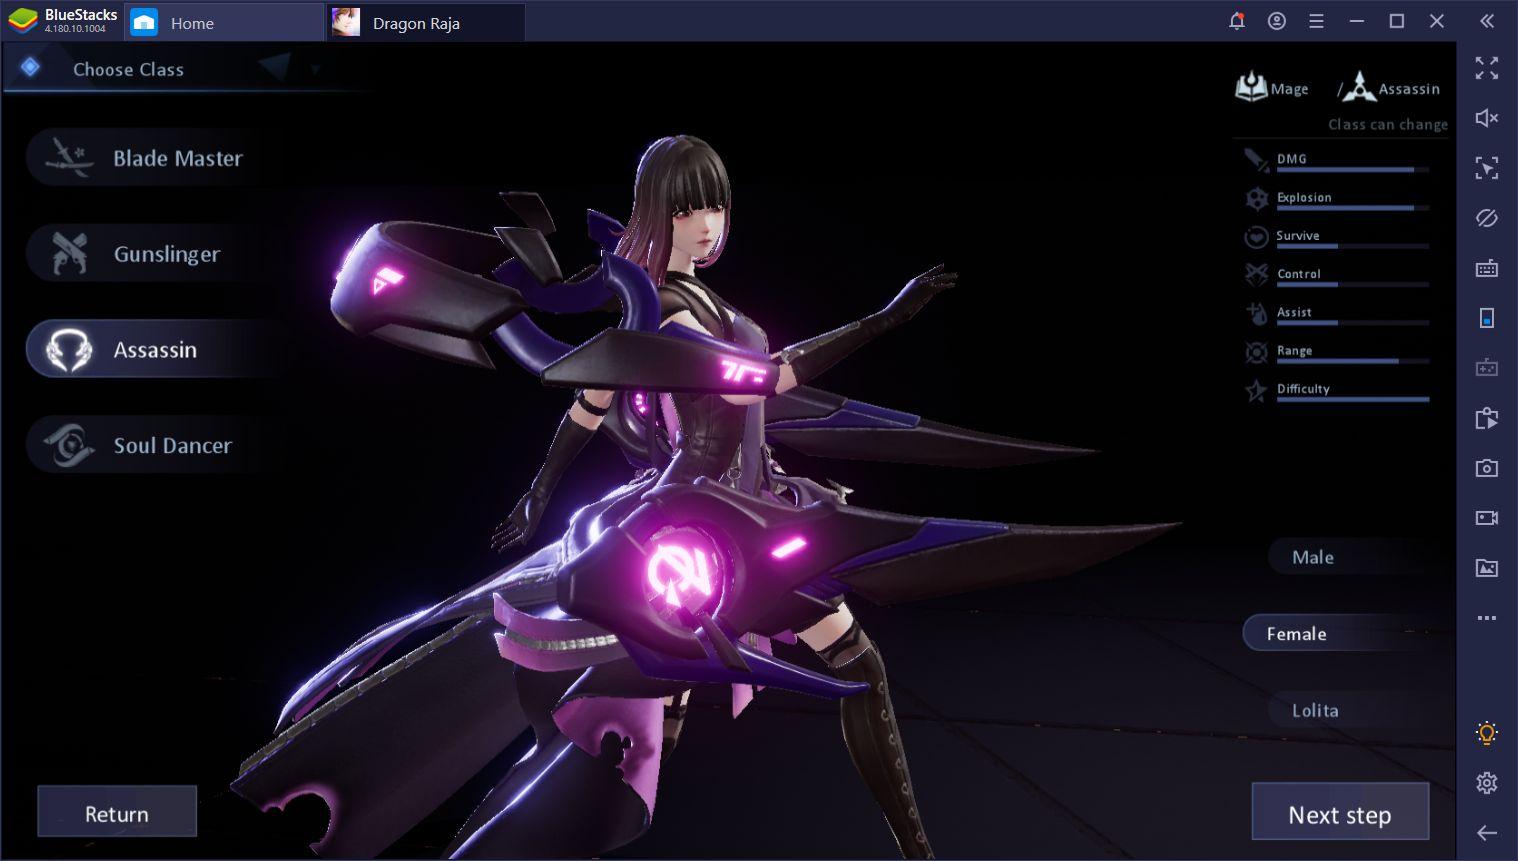 Guide du Débutant pour Dragon Raja sur PC avec BlueStacks